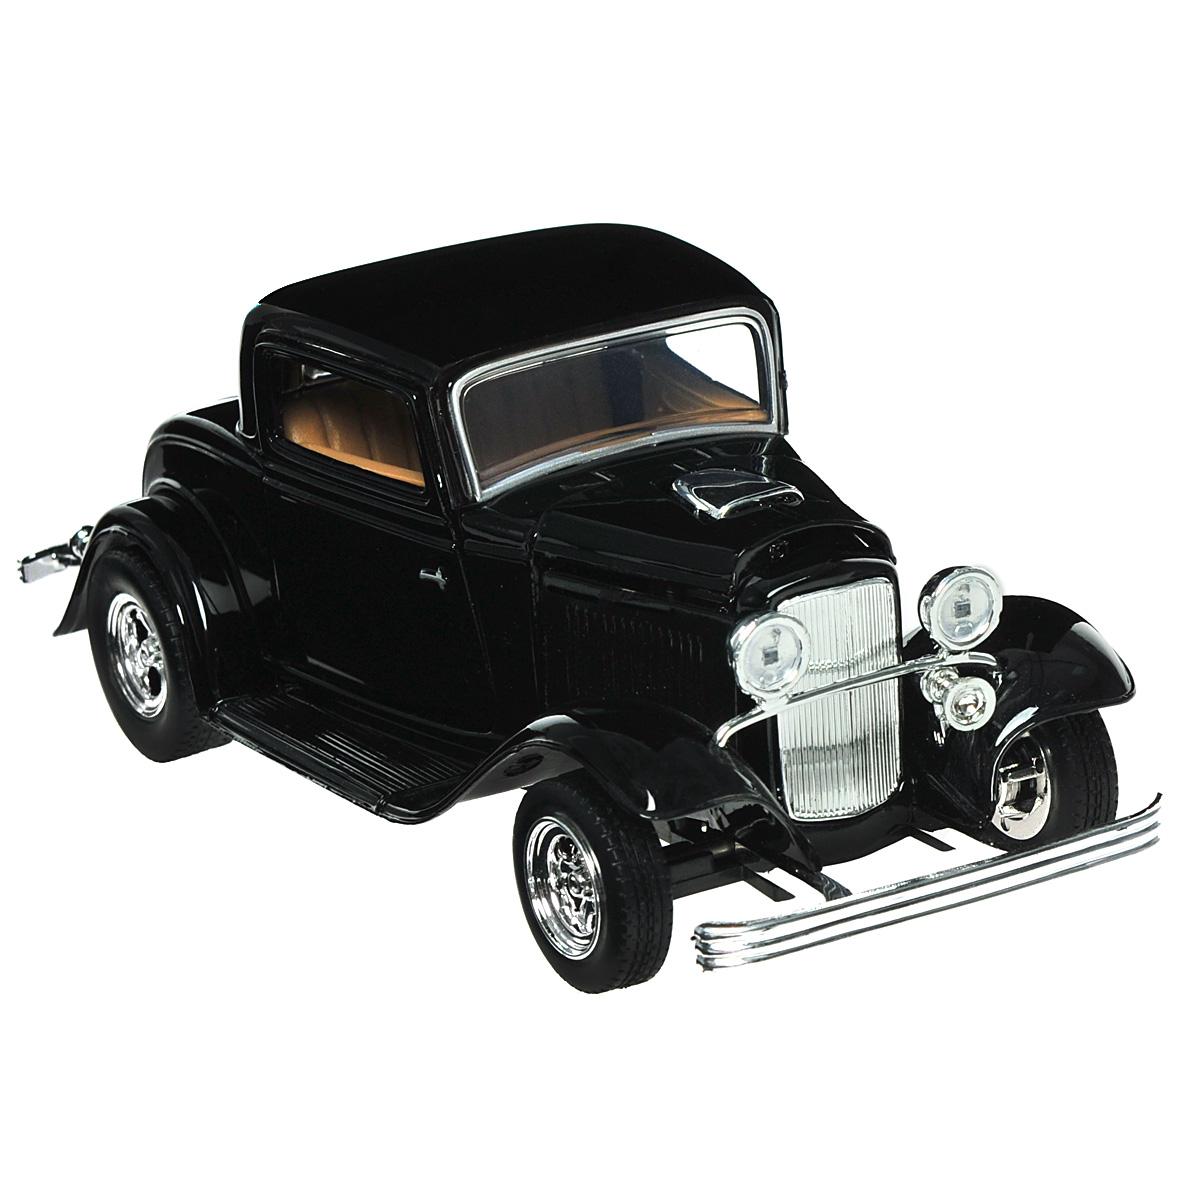 Коллекционная модель MotorMax 1932 Ford Coupe, цвет: черный. Масштаб 1/24 motormax модель автомобиля corvette 1967 цвет черный